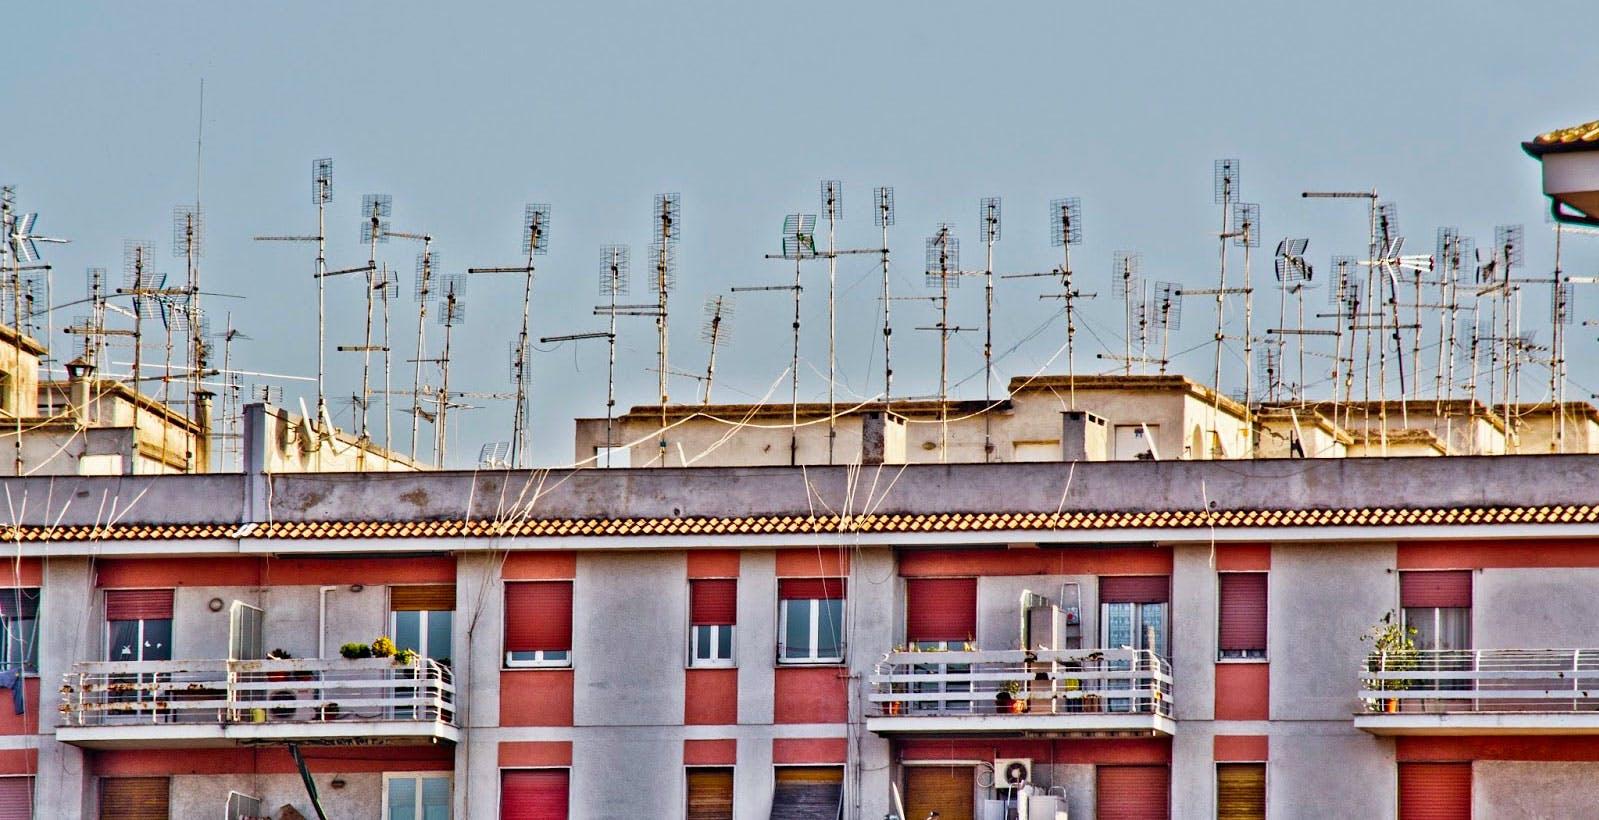 La RAI non fa informazione sullo switch-off e disattende il Contratto di Servizio. E il MiSE e l'AGCOM muti